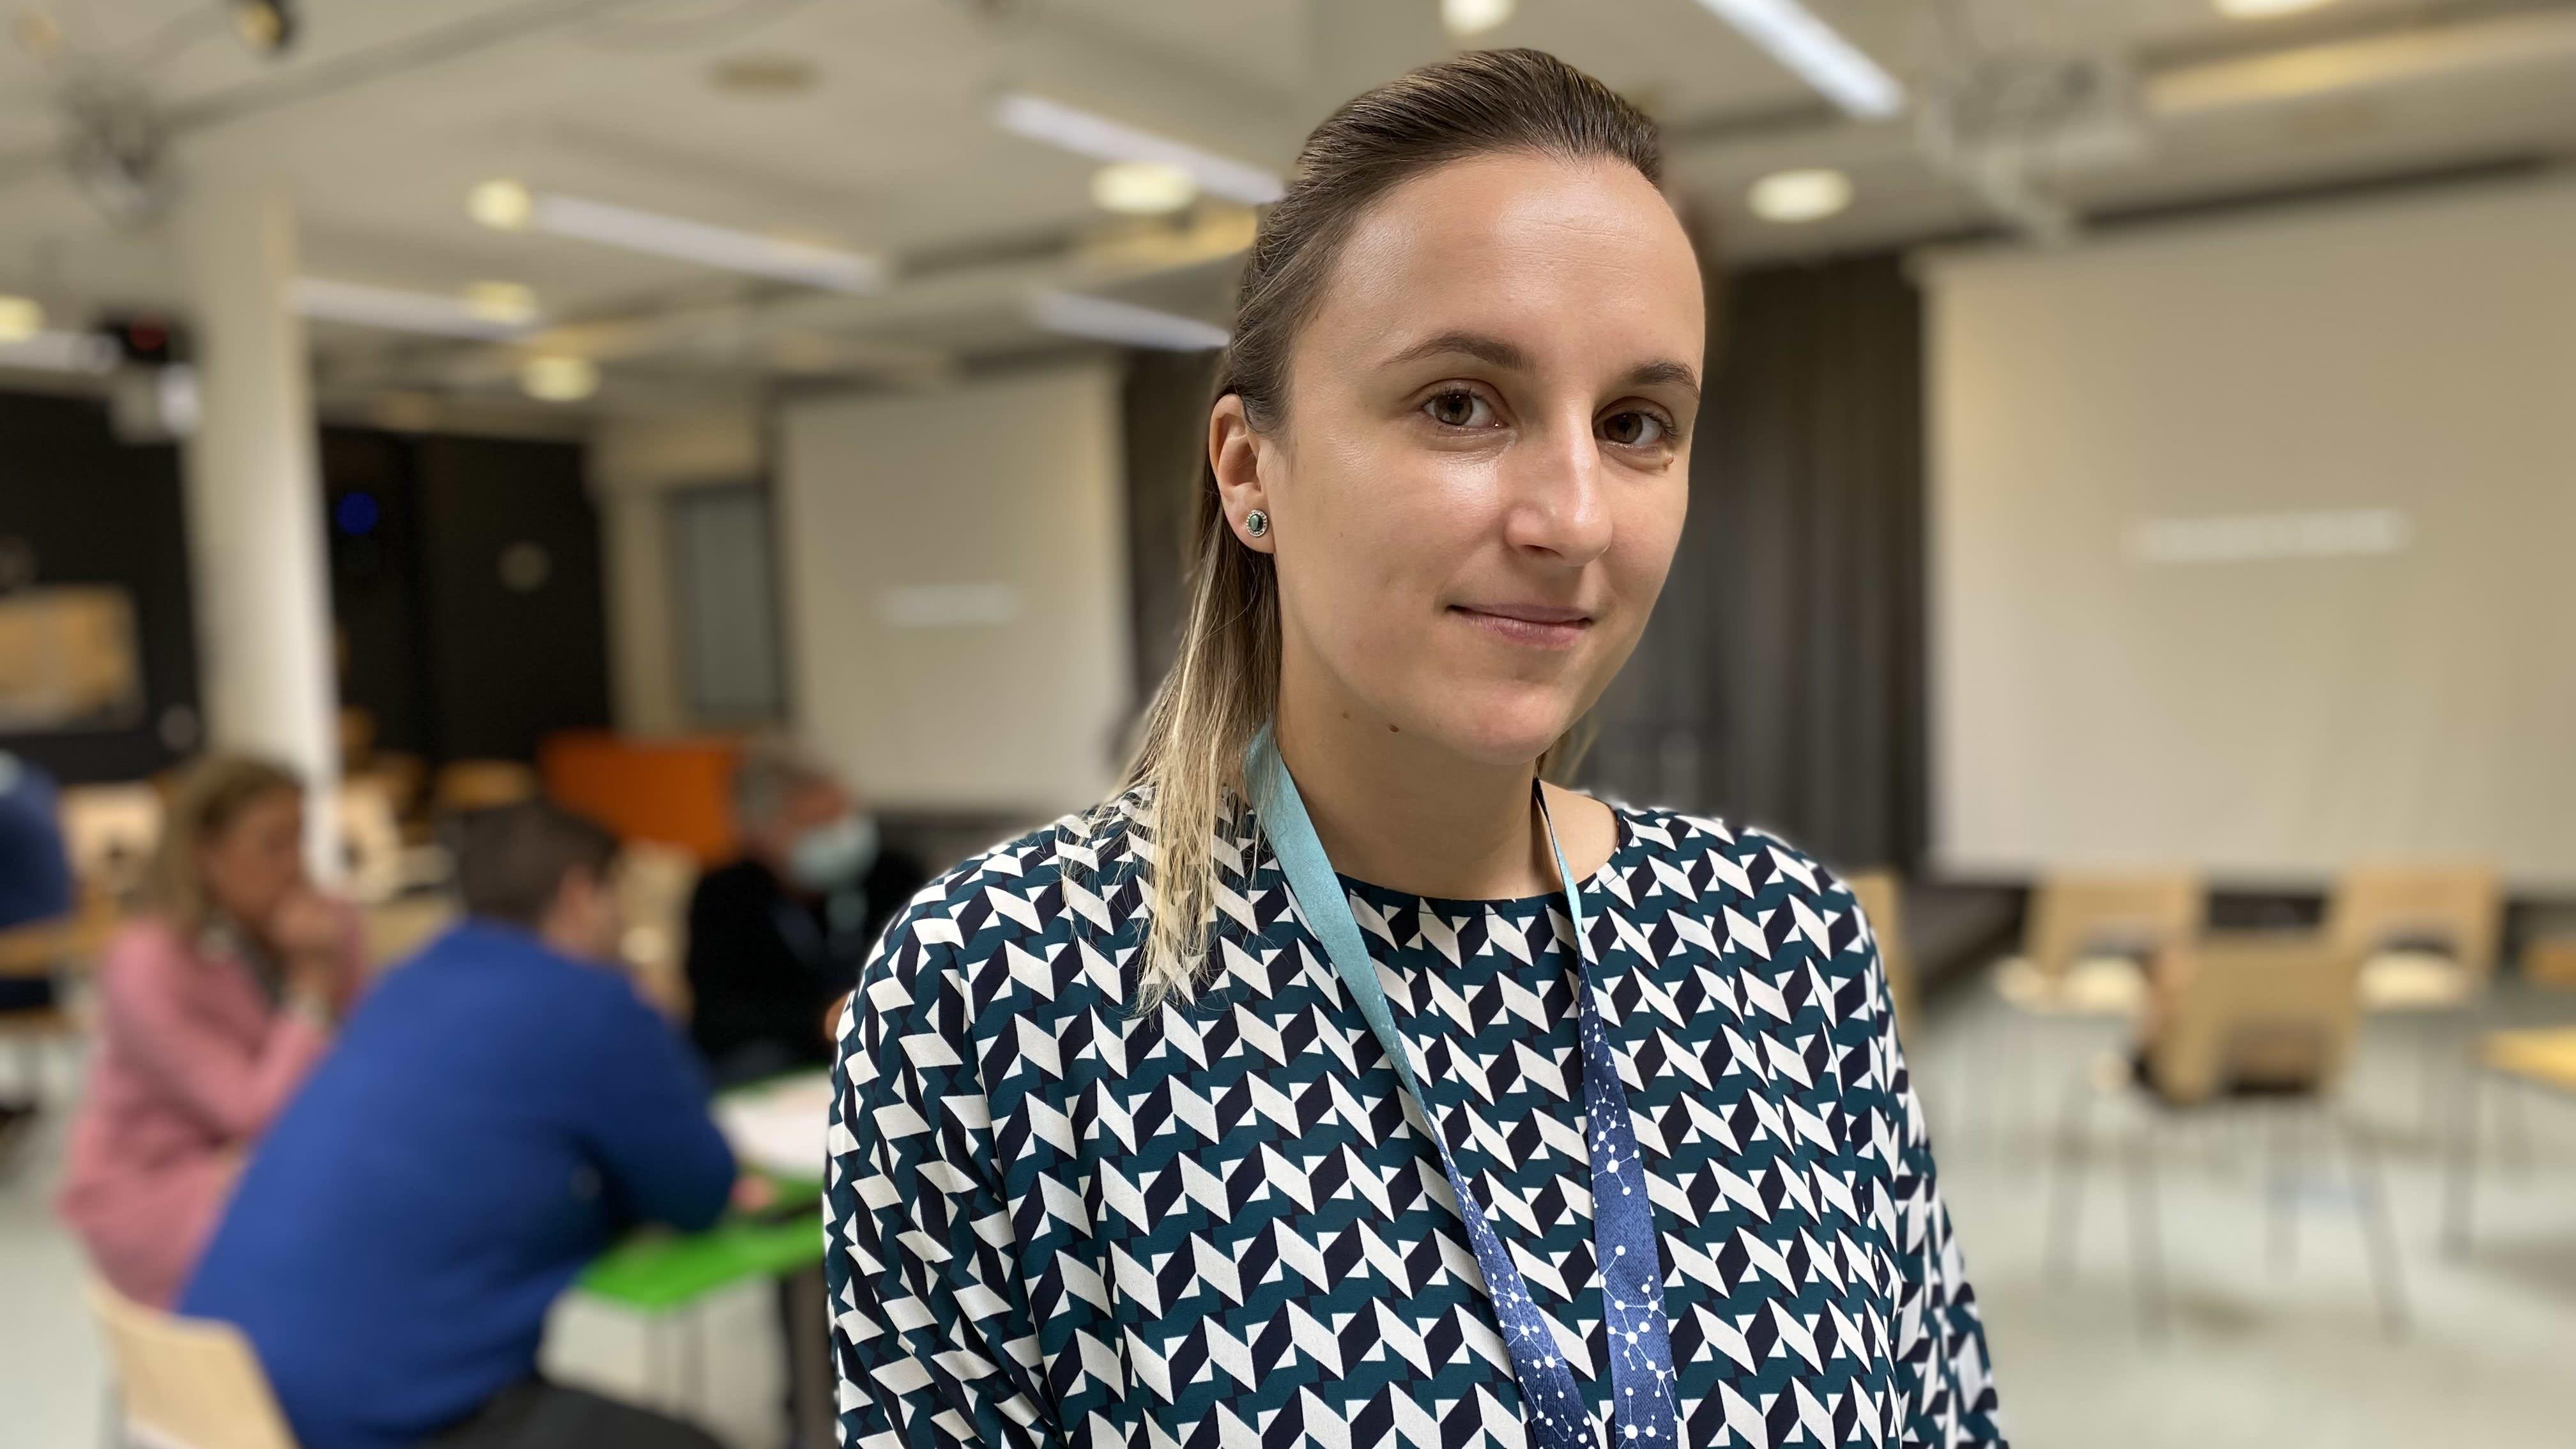 Irlantilaisessa Athlone Institute of Technology -korkeakoulussa opiskeleva tohtorikoulutettava Anastasia Platonava katso kameraan hymyillen yllään vihermustavalkoinen pusero. Kuva otettu lokakuun 26. päivä Hämeen ammattikorkeakoulun Desing Factoryssä.